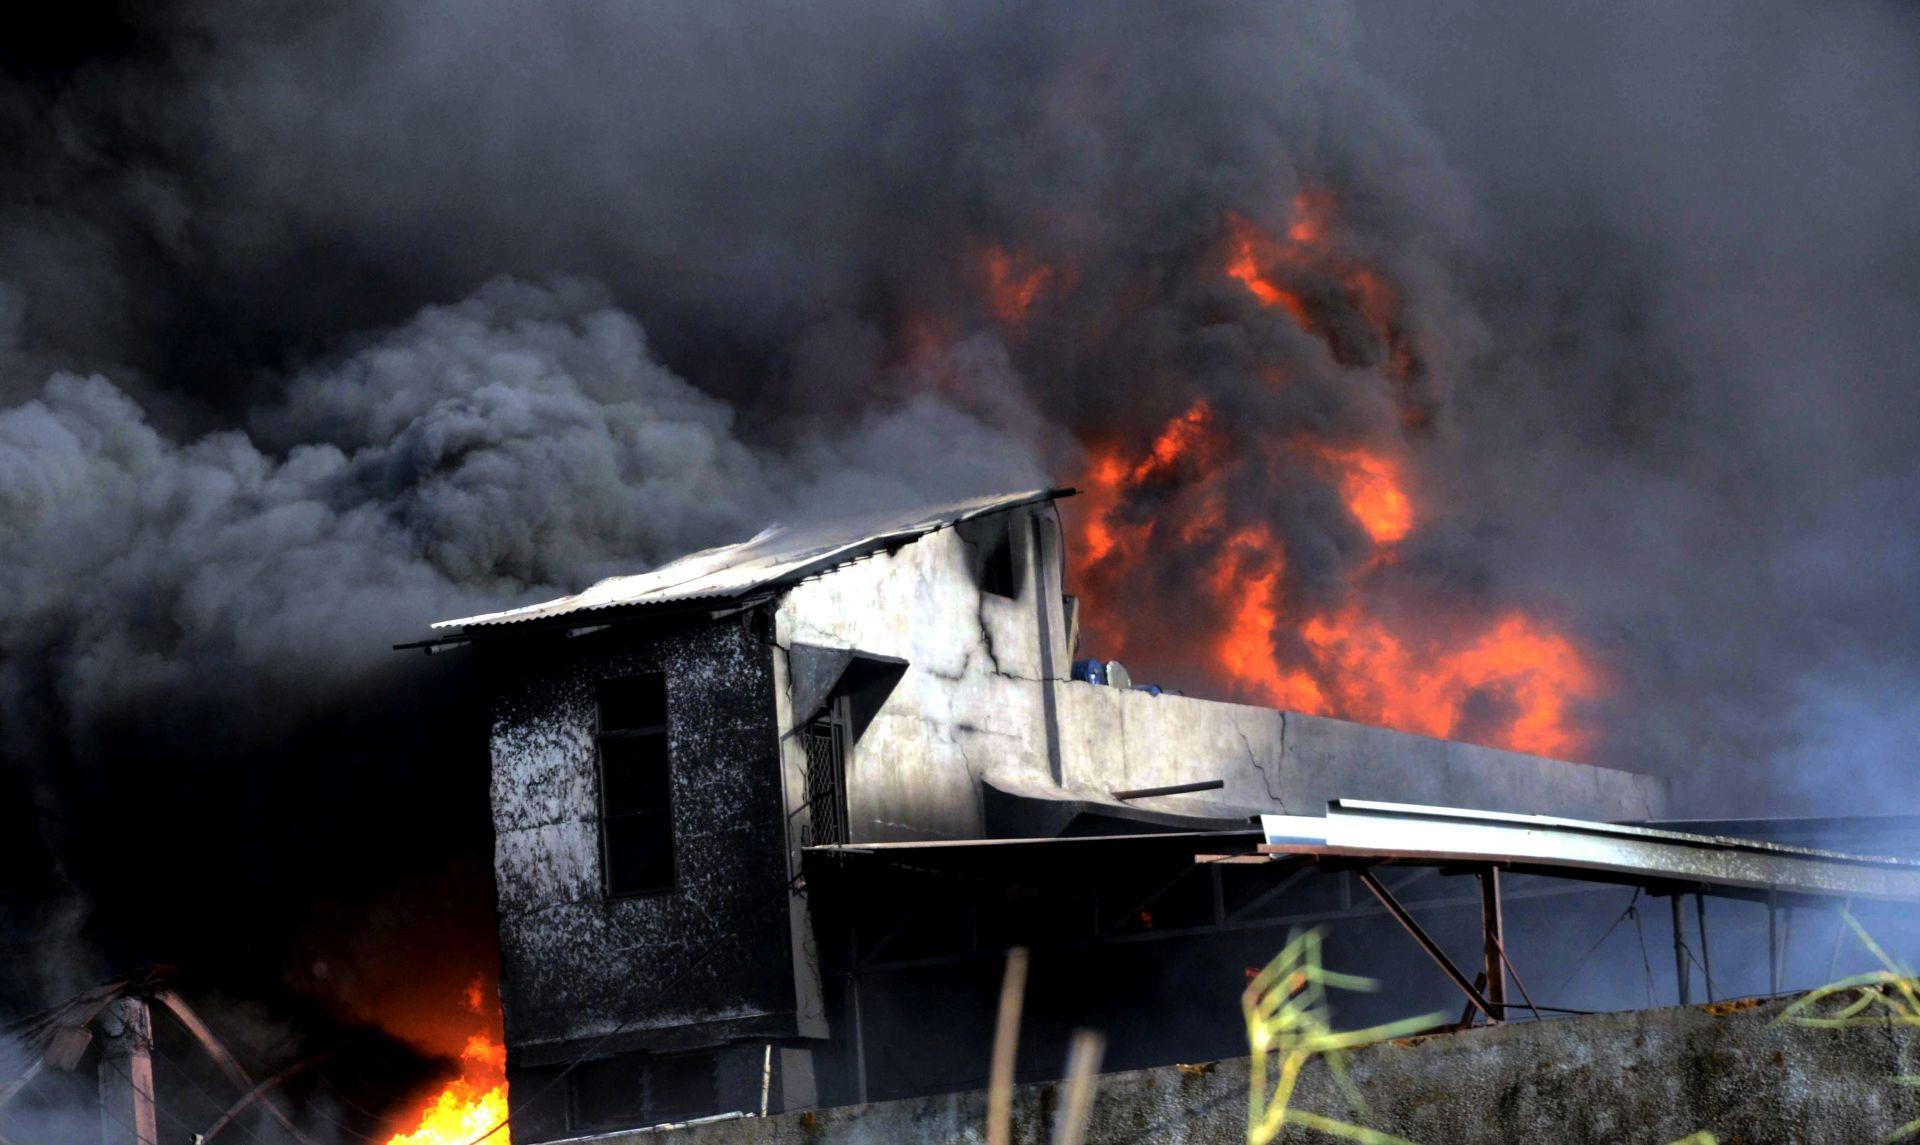 POGINULO NAJMANJE 18 LJUDI: Nepal i sjeverna Indija bore se s najvećim požarima zadnjih godina